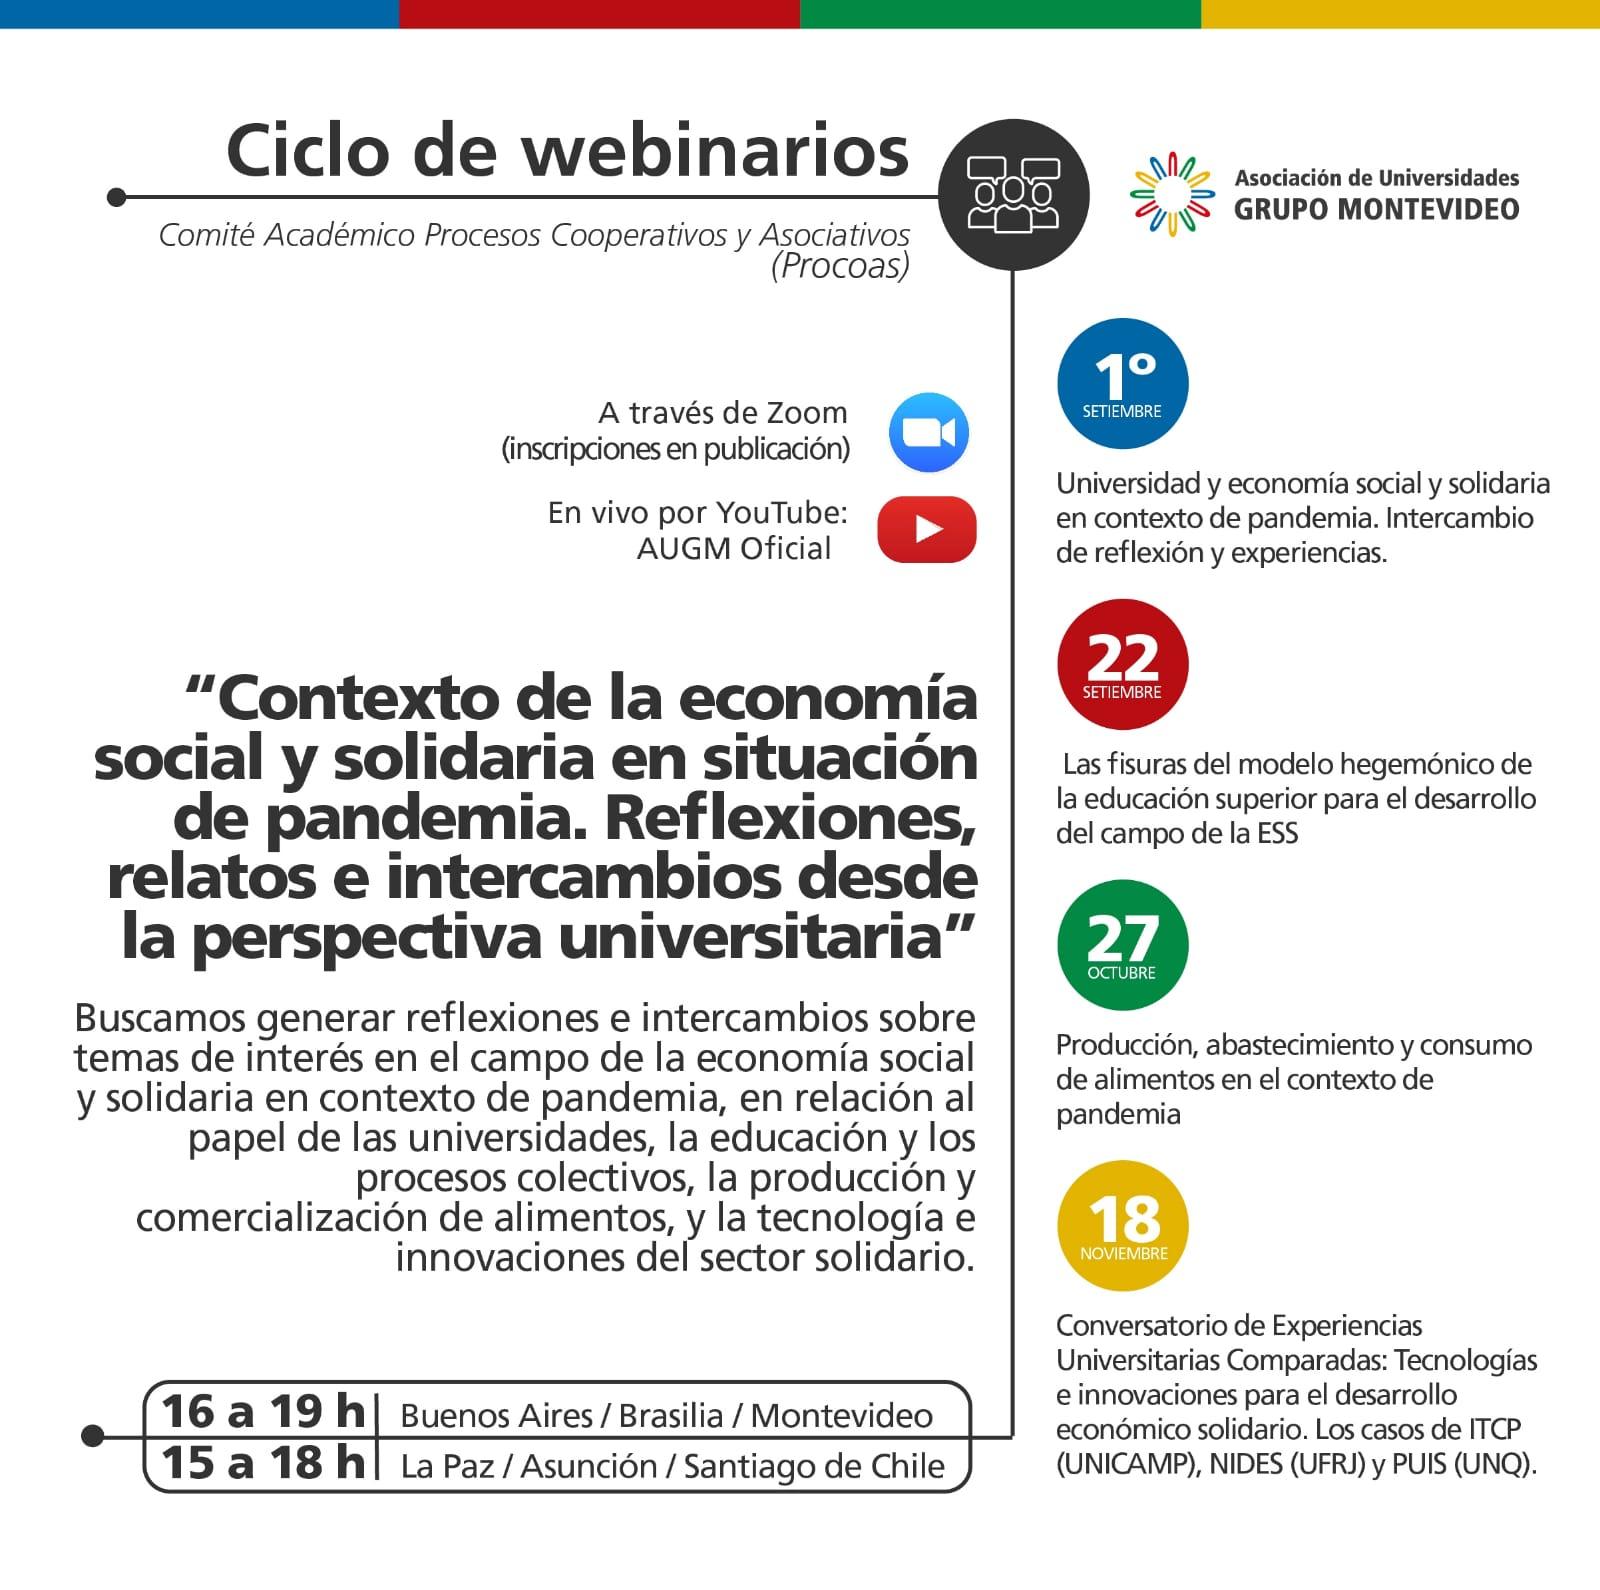 Ciclo de Webinarios del Comité Académico Procesos Cooperativos y Asociativos